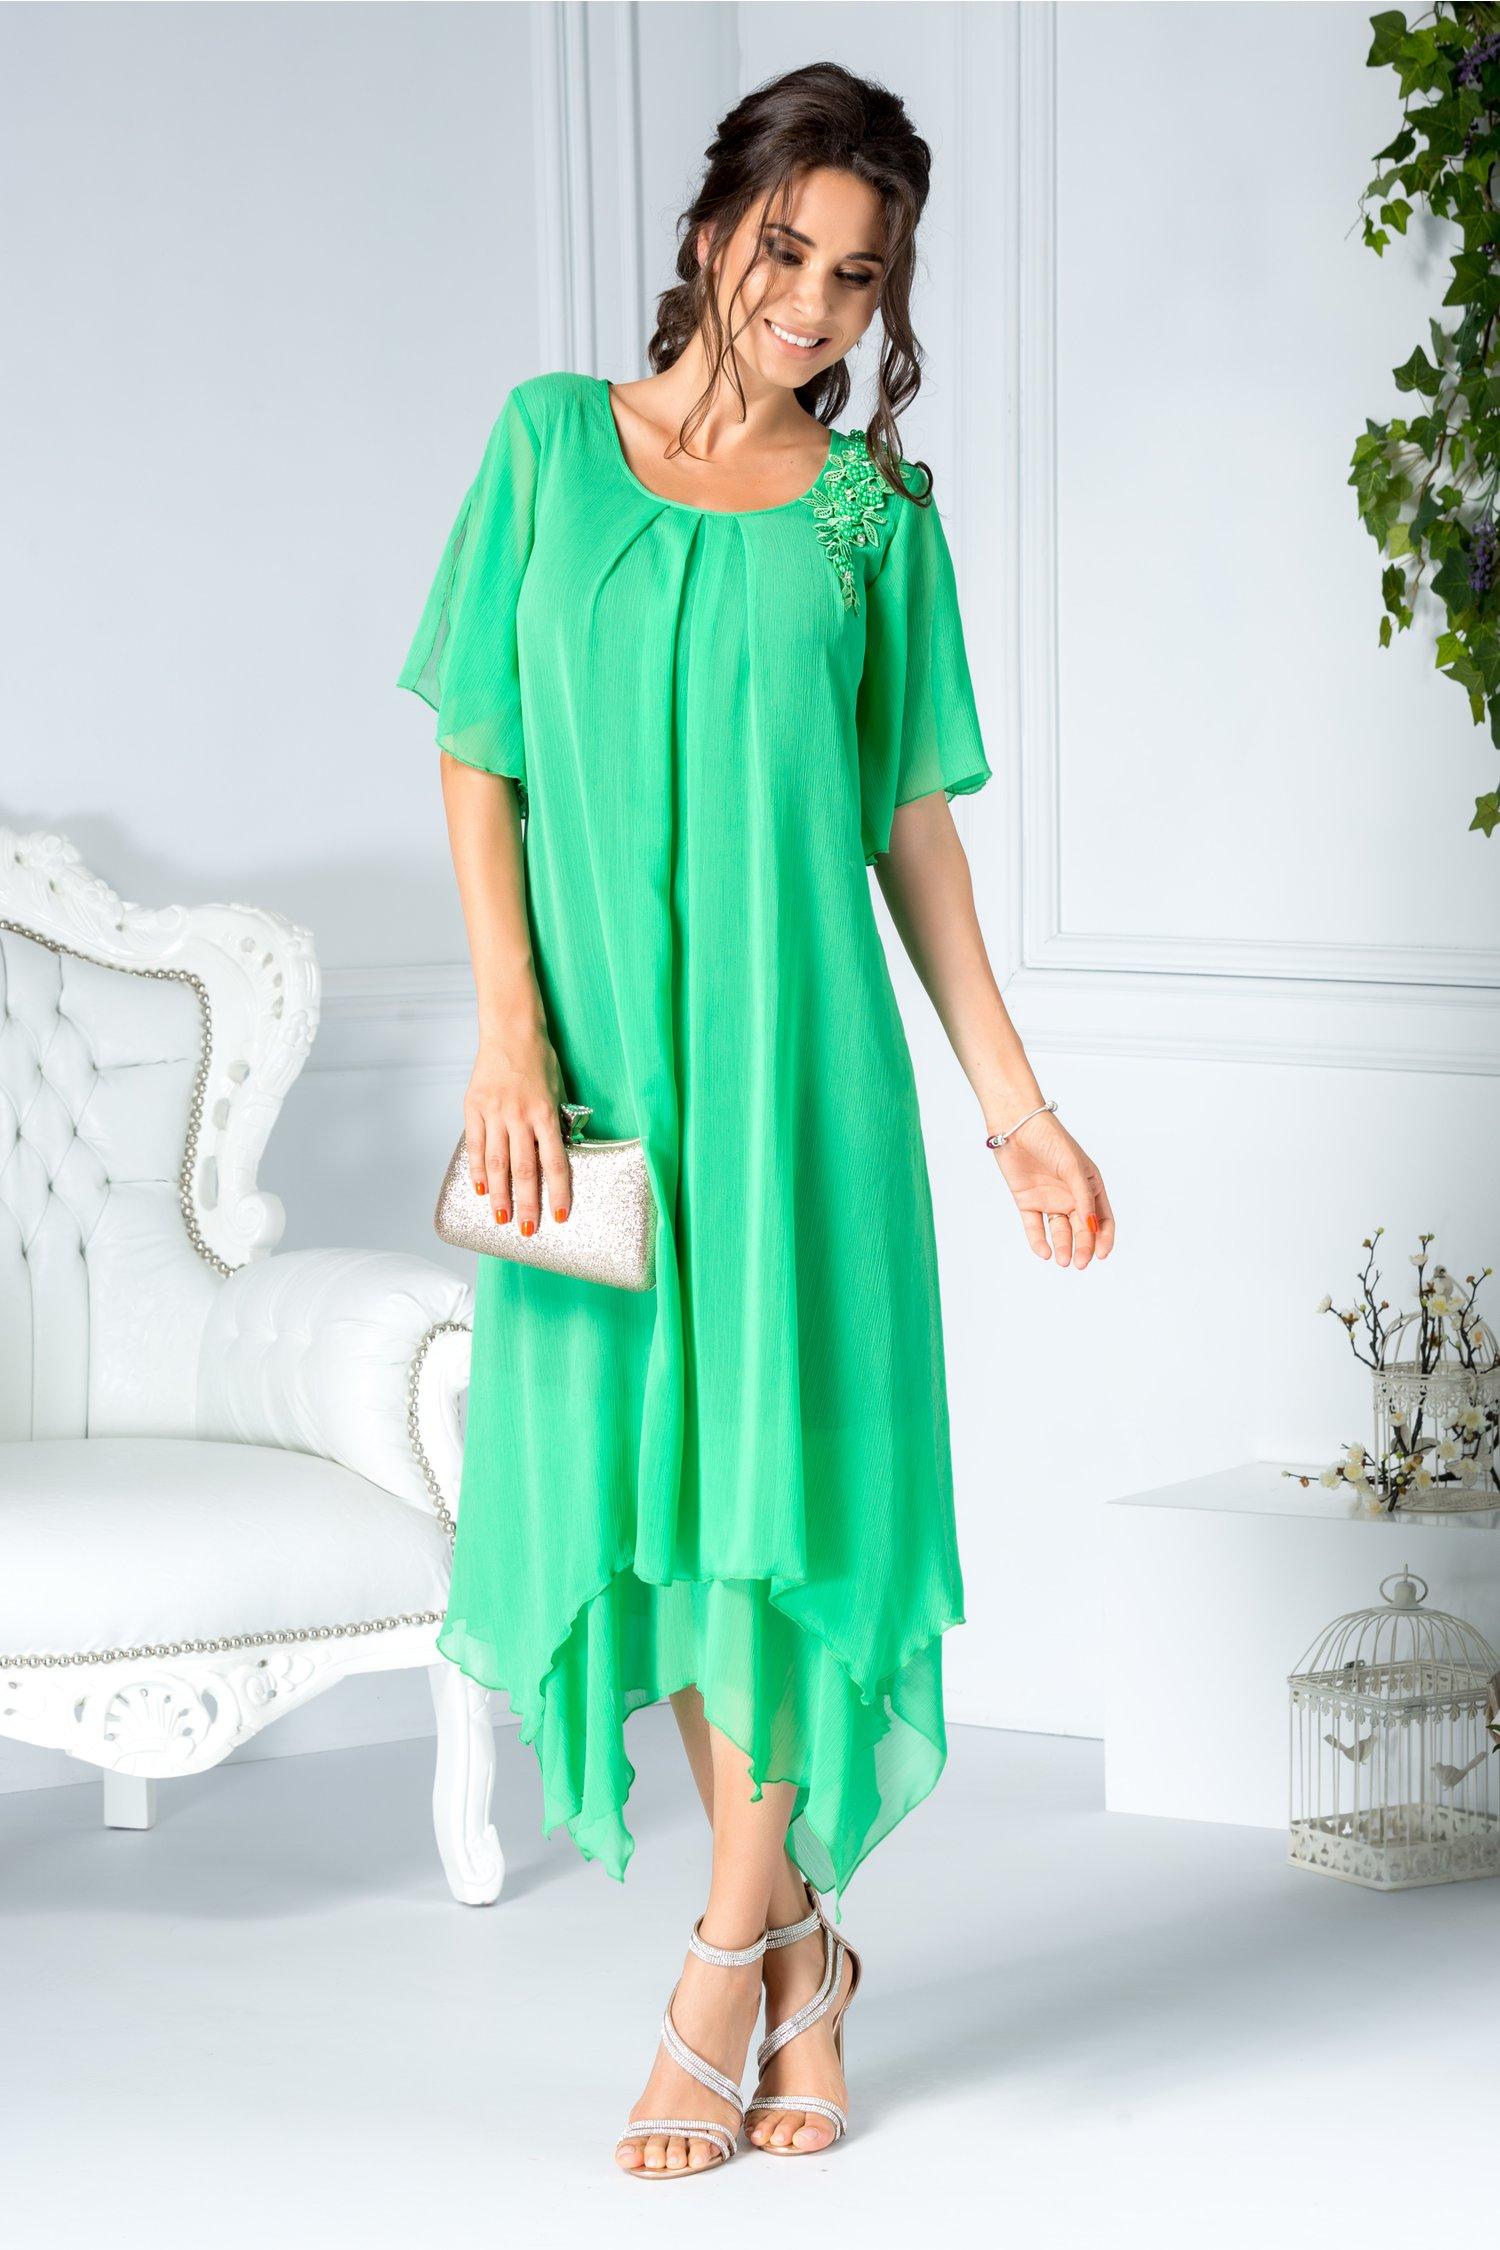 Rochie Anina midi verde din voal cu broderie si perle